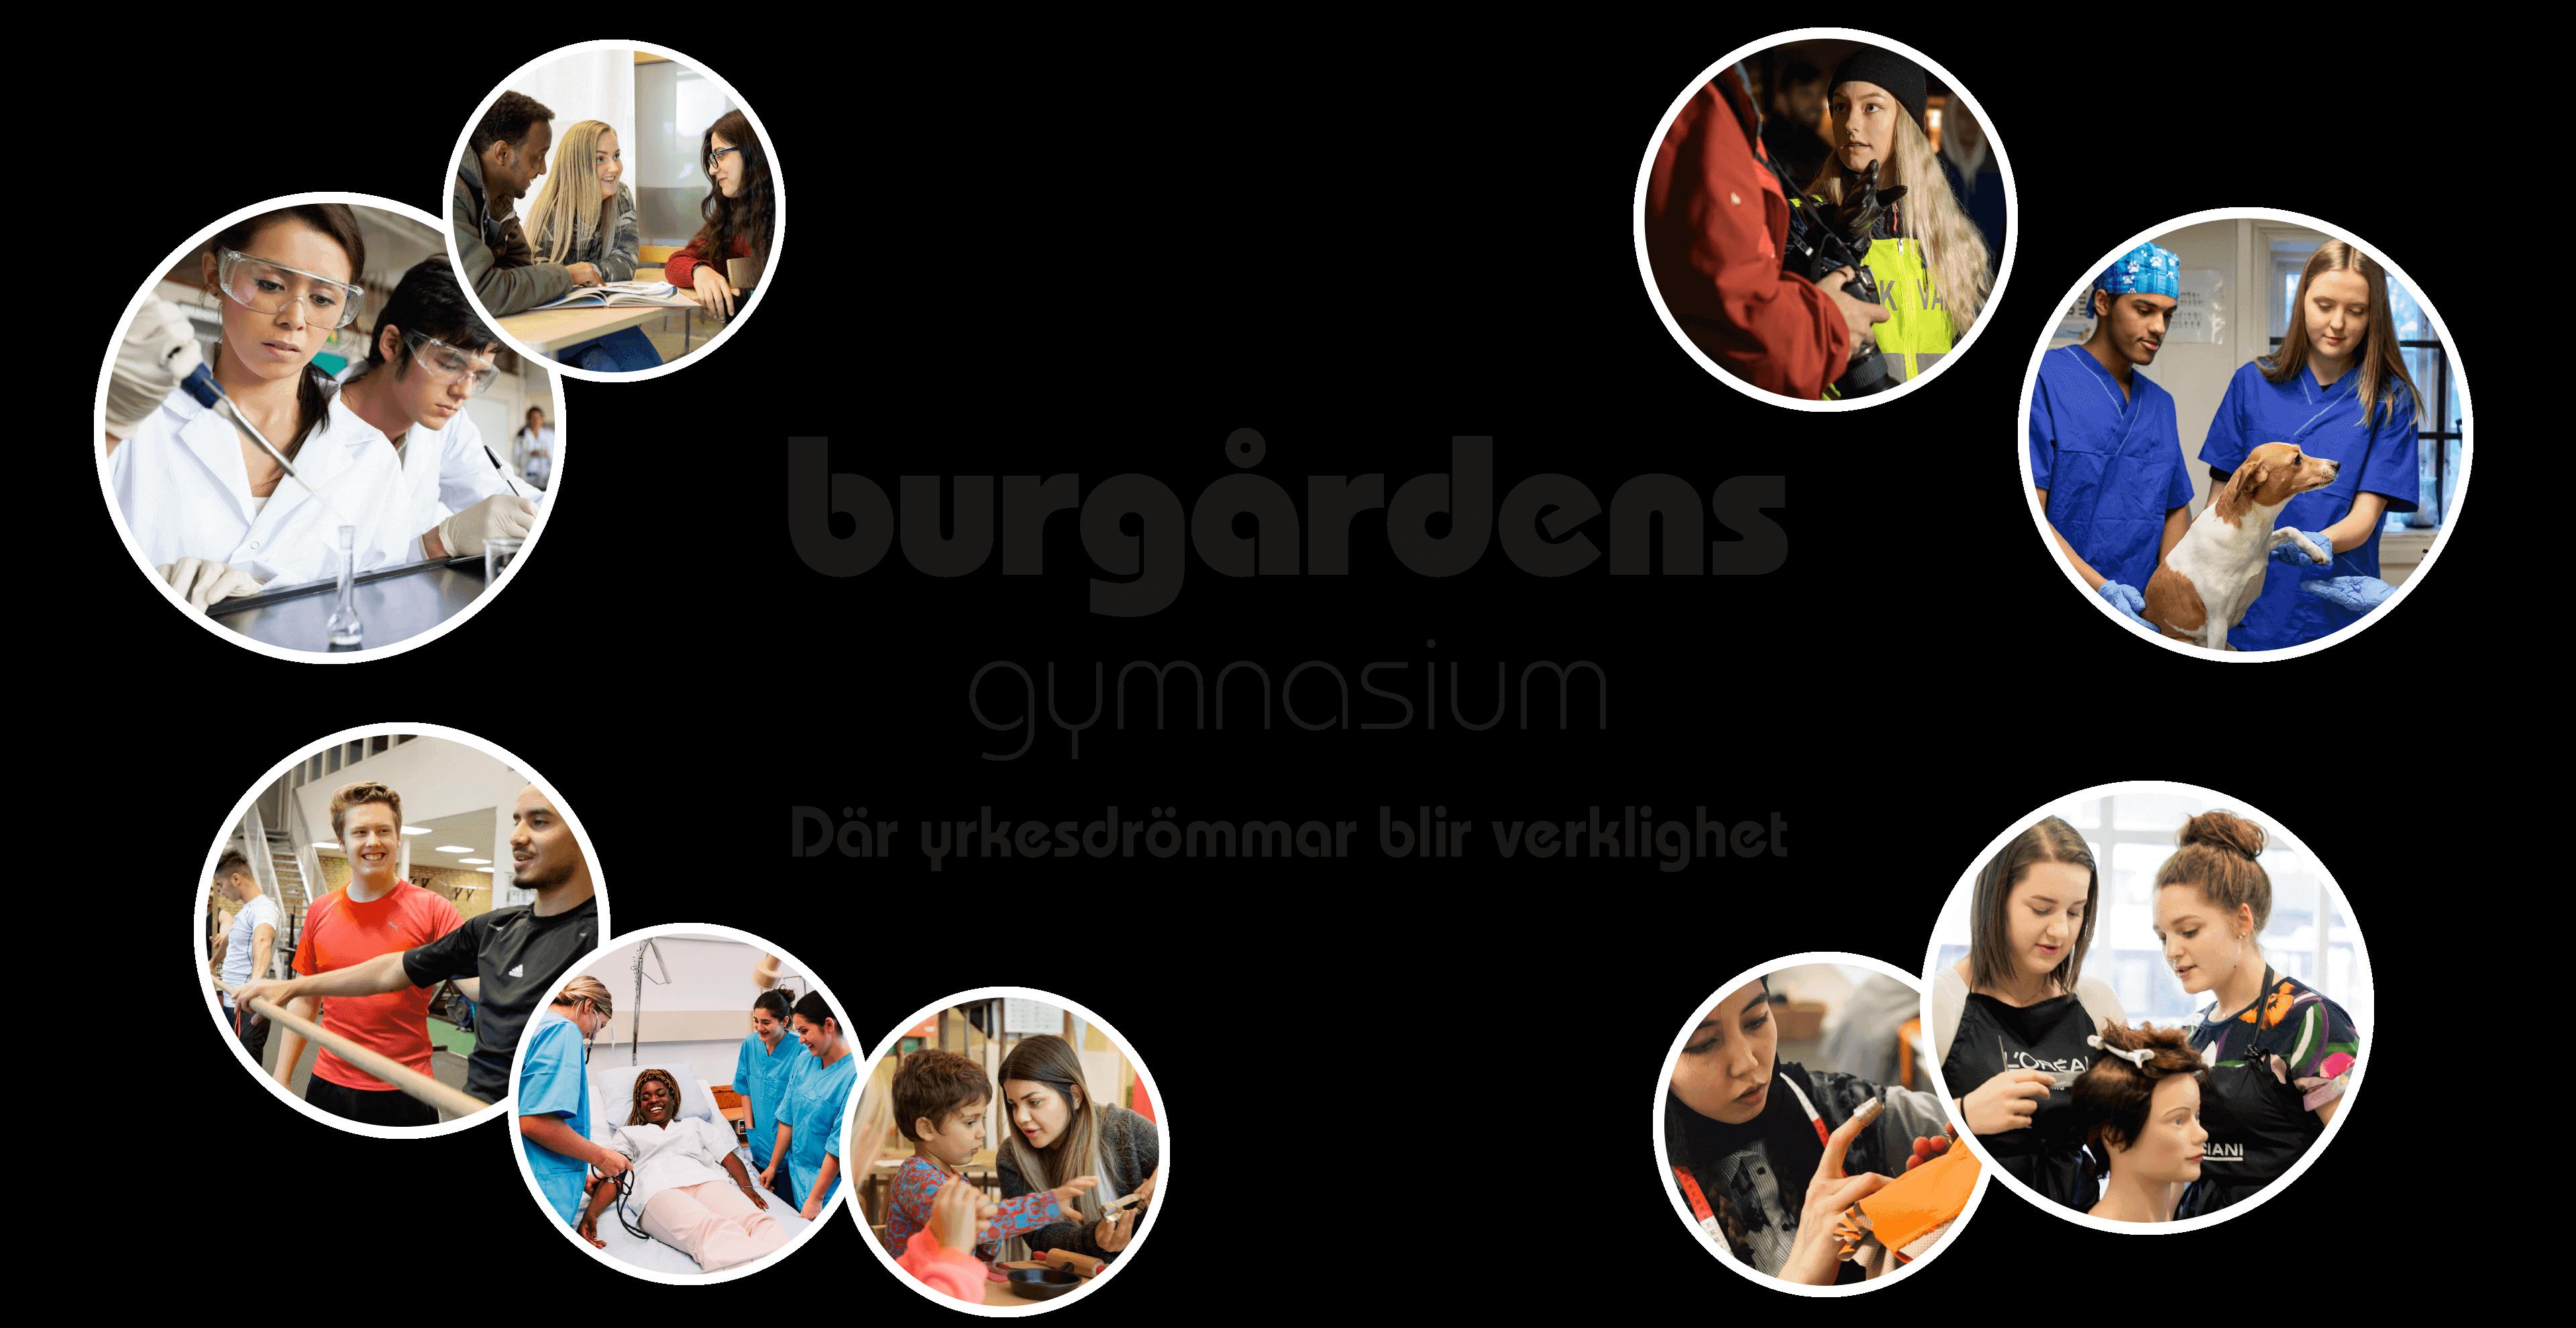 Burgårdens gymnasium – Där yrkesdrömmar blir verklighet